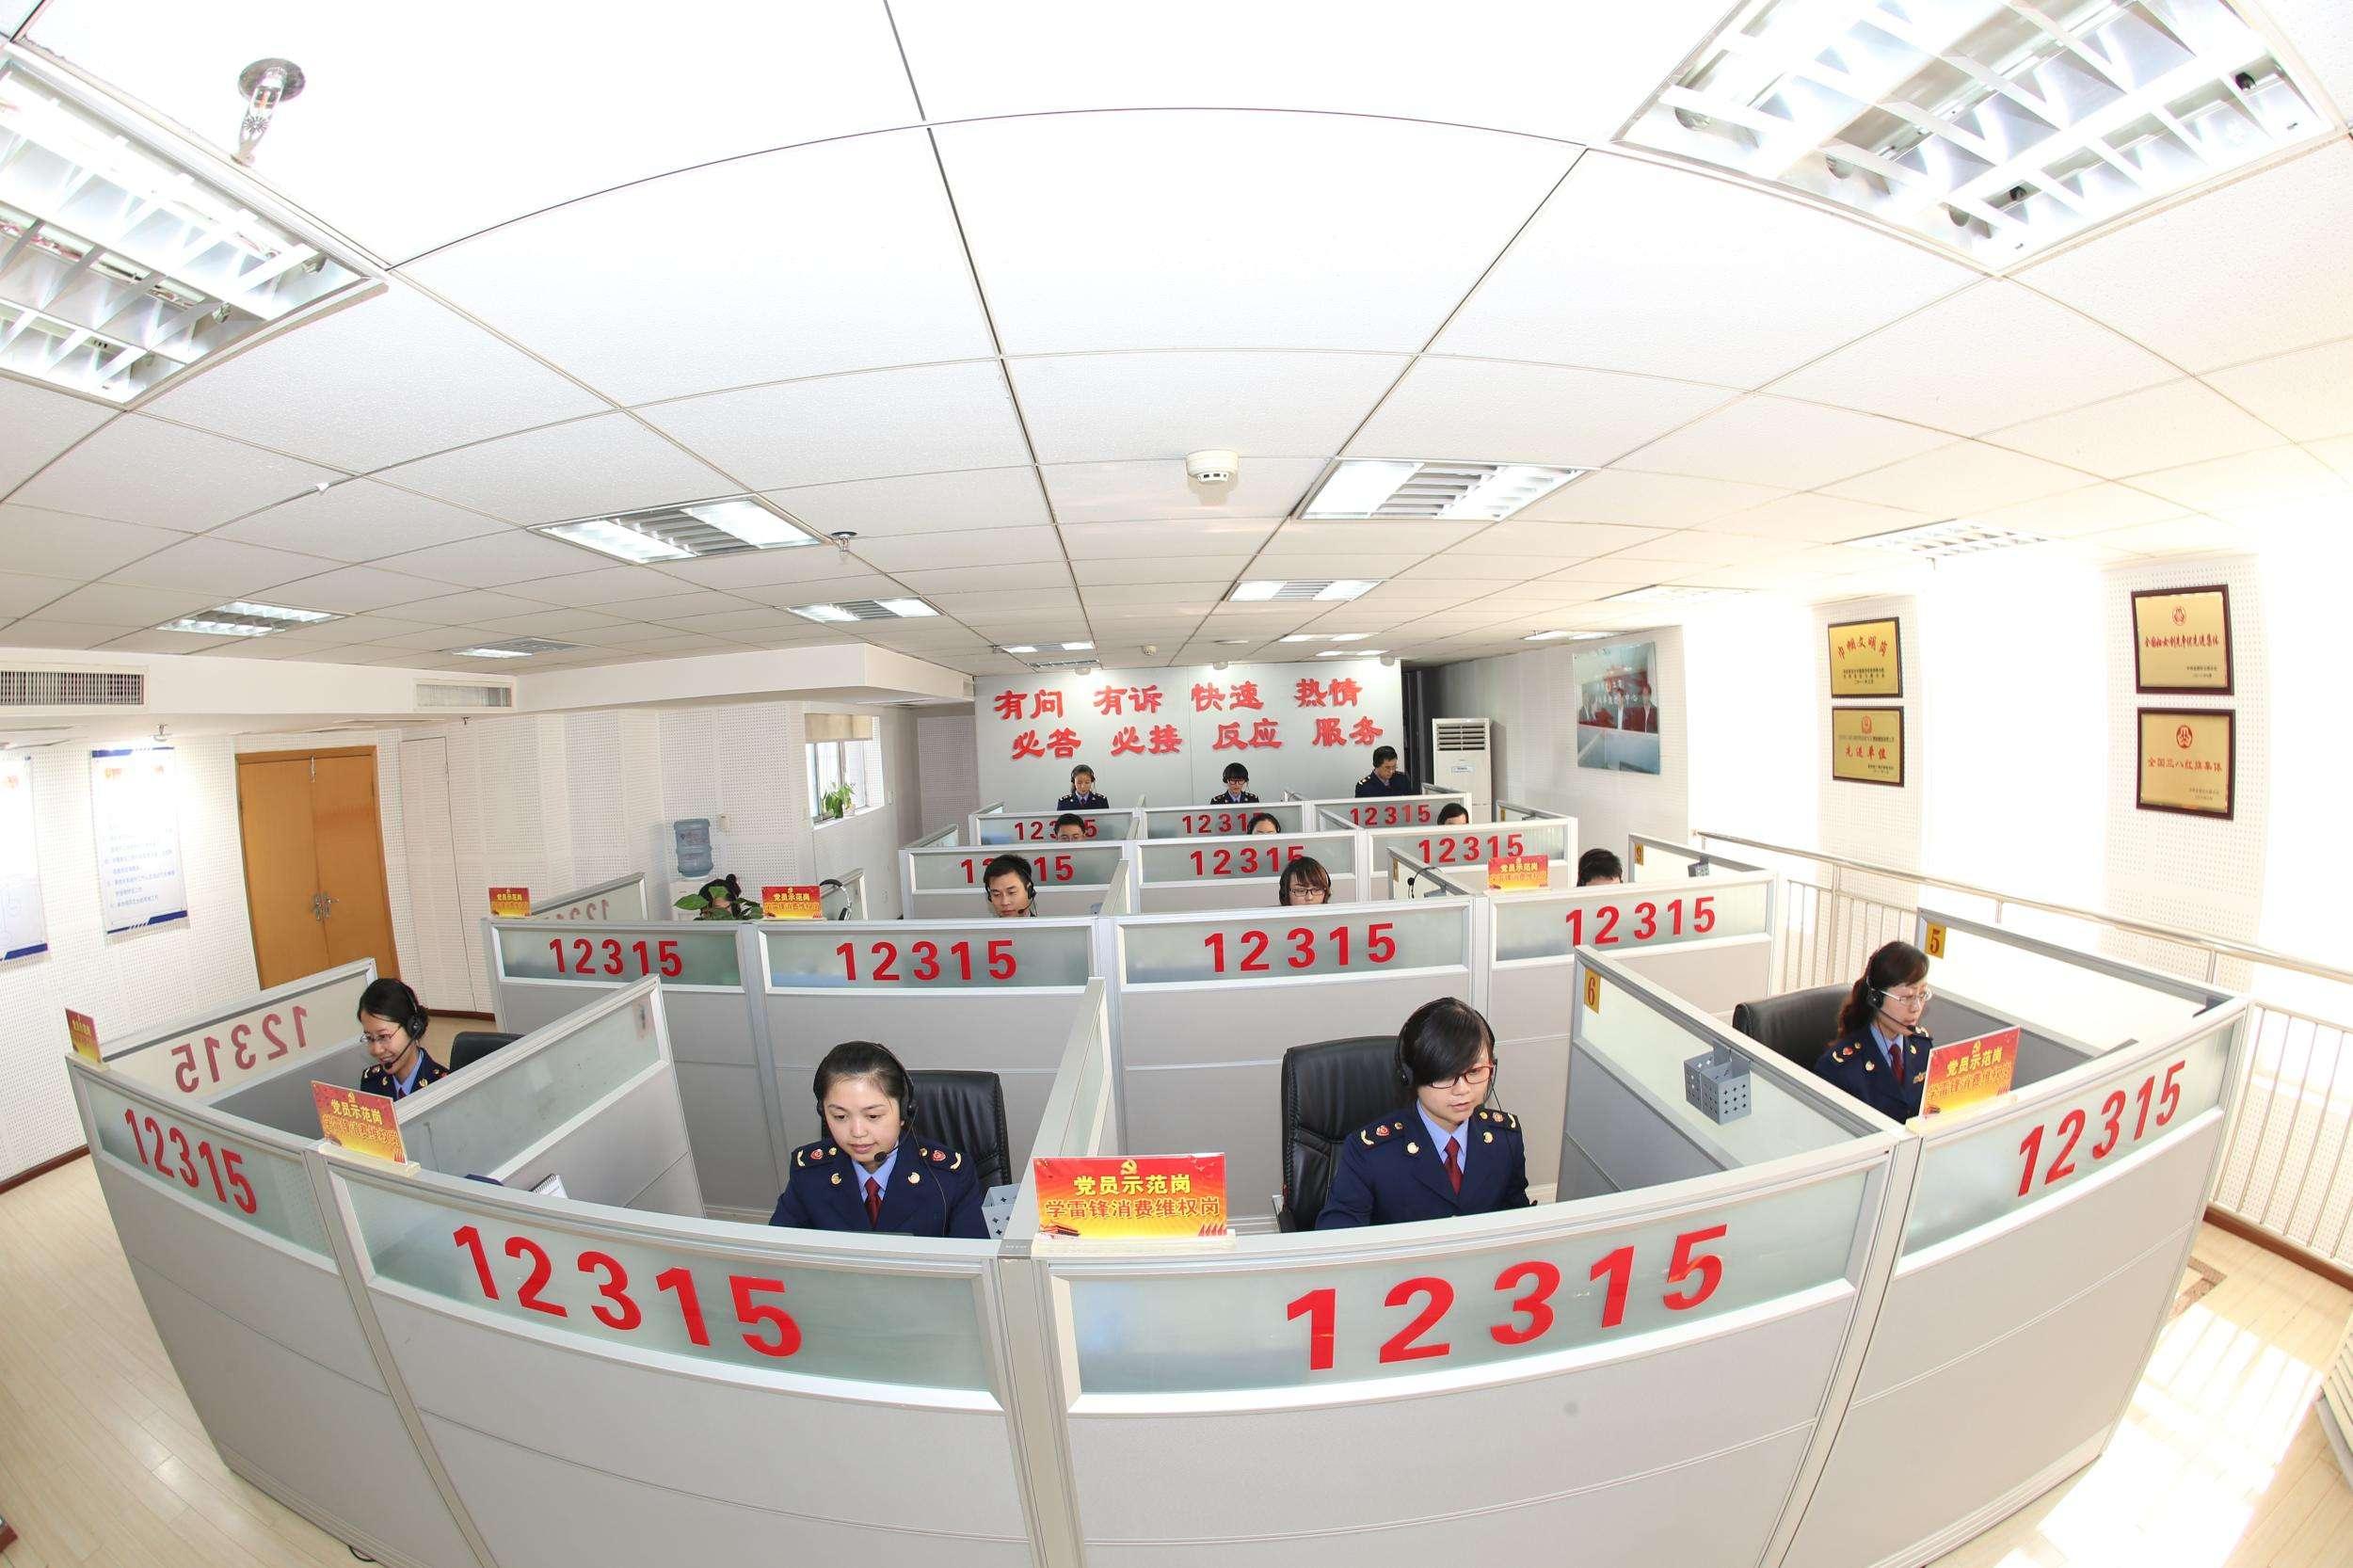 2018年江苏12315为消费者挽回经济损失1.7亿